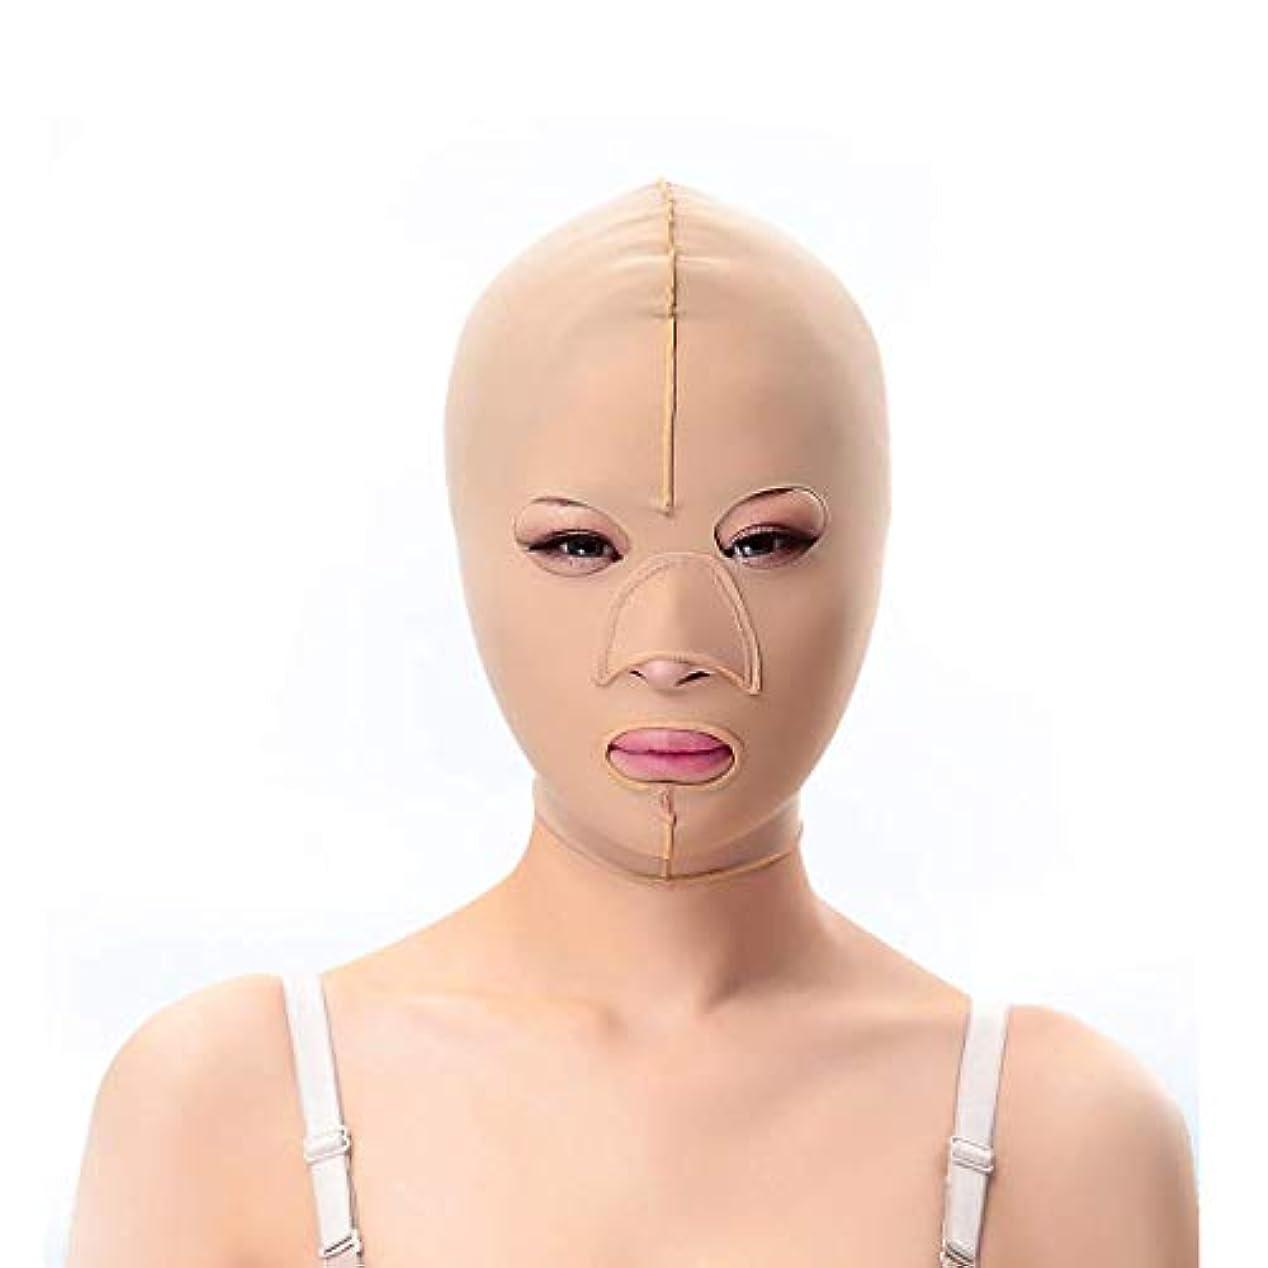 プロット思い出させるヒゲクジラスリミングベルト、二重あごの引き締め顔のプラスチックフェイスアーティファクト強力なフェイス包帯を脇に持ち上げるパターンを欺くためのフェイシャルマスクシンフェイスマスク(サイズ:L),S